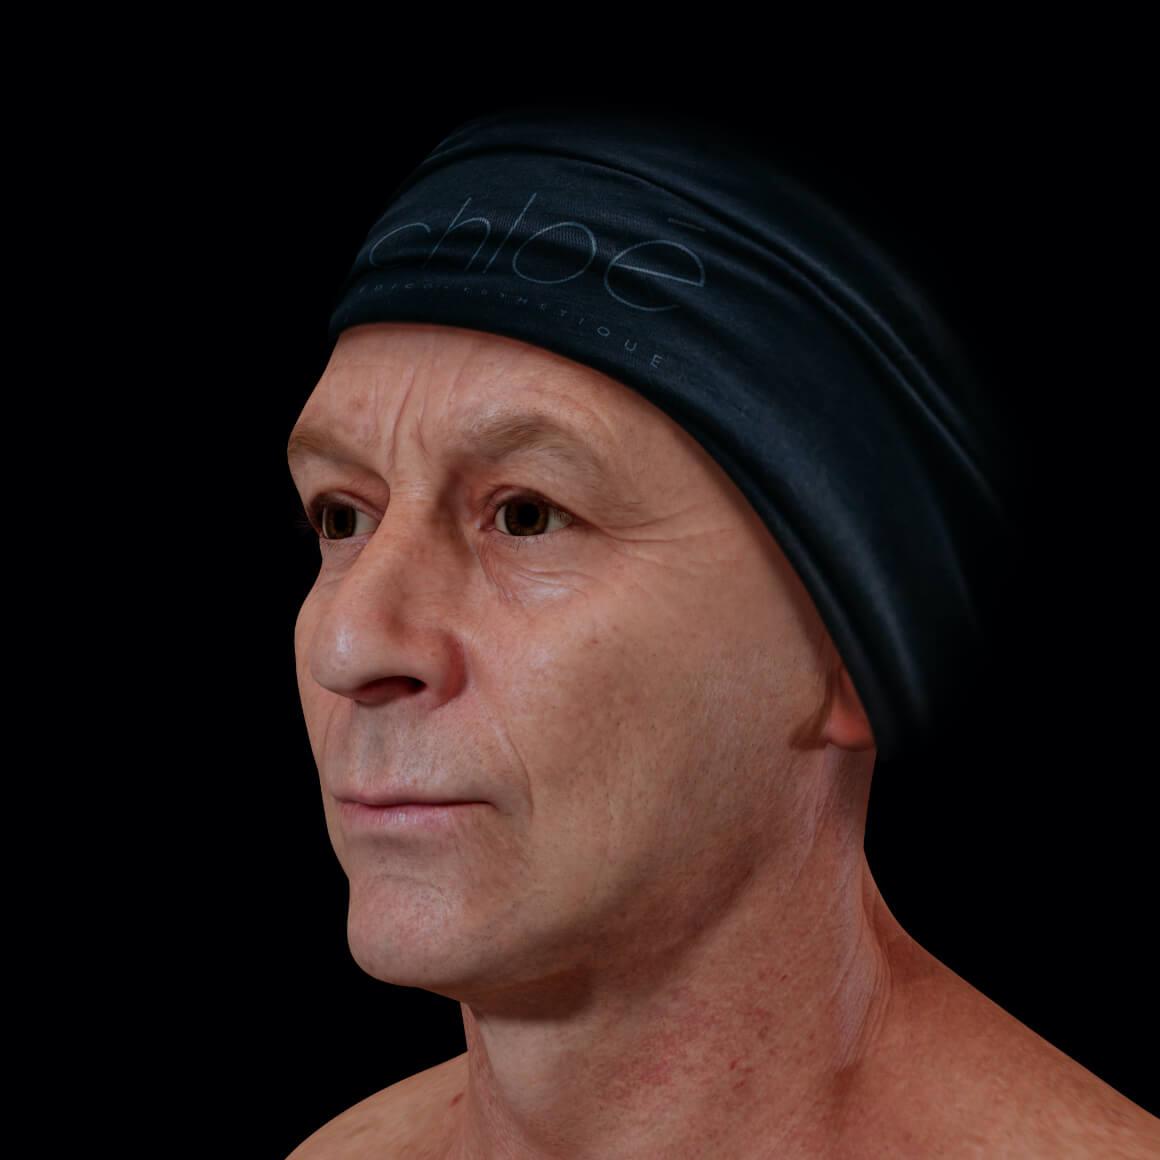 Patient de la Clinique Chloé en angle après des traitements Venus Viva pour traiter des cicatrices d'acné